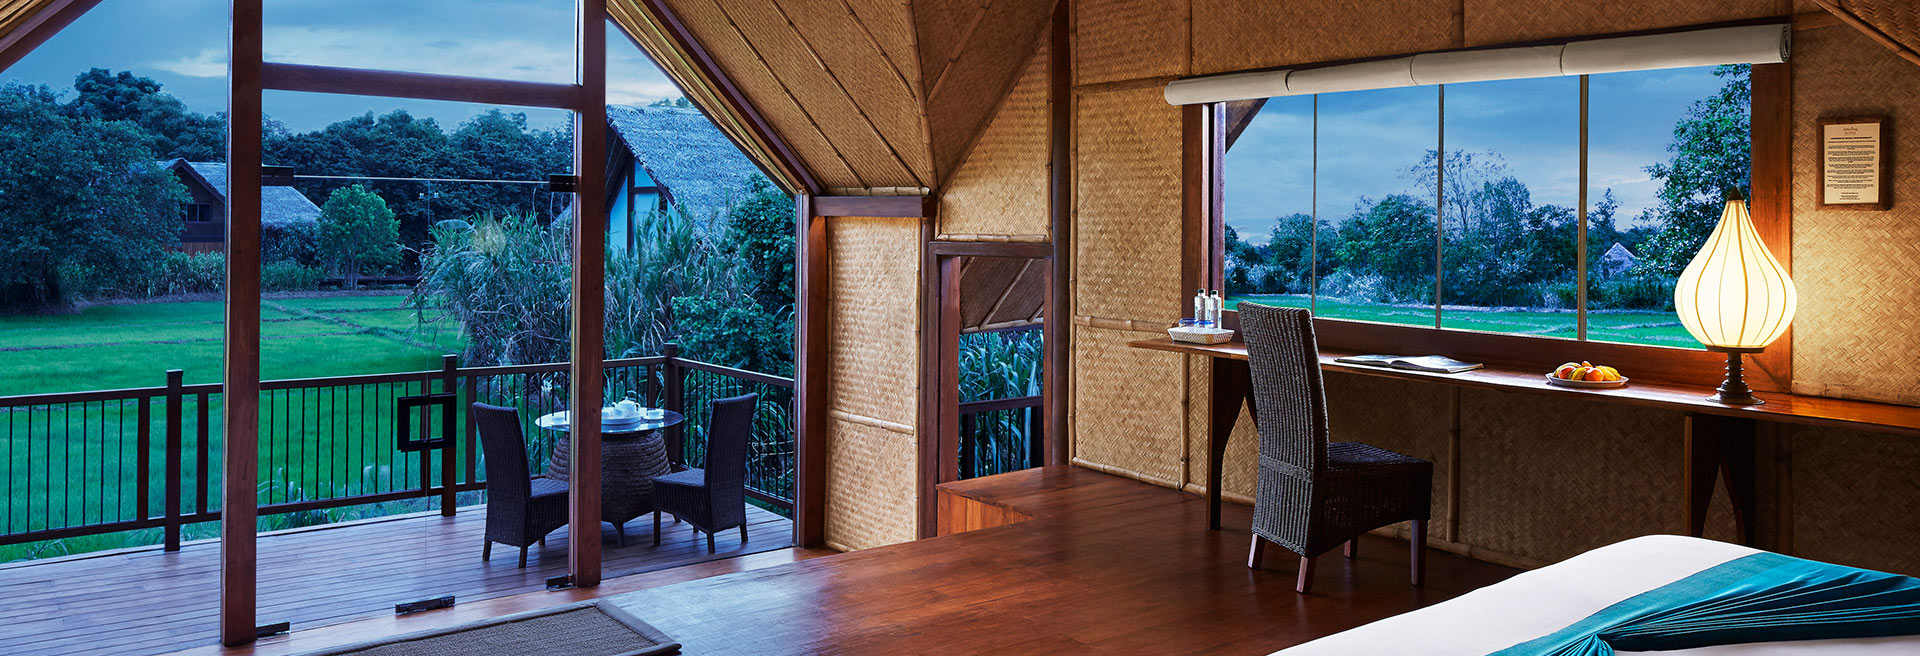 Hotels in Sigiriya Area